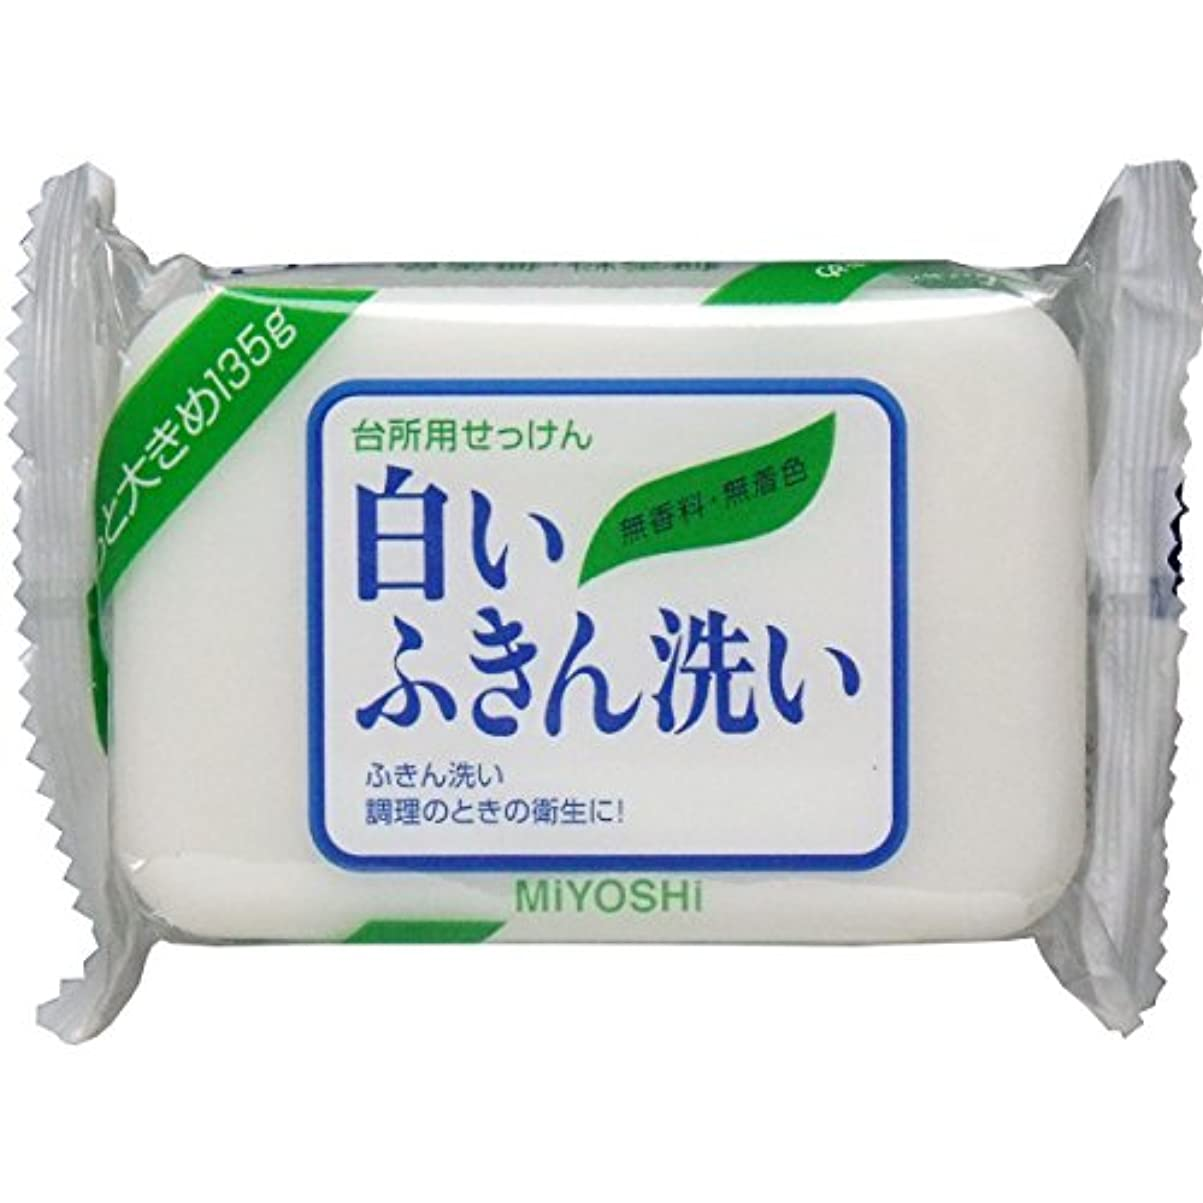 レイアシネマ引き金ミヨシ石鹸 白いふきん洗い